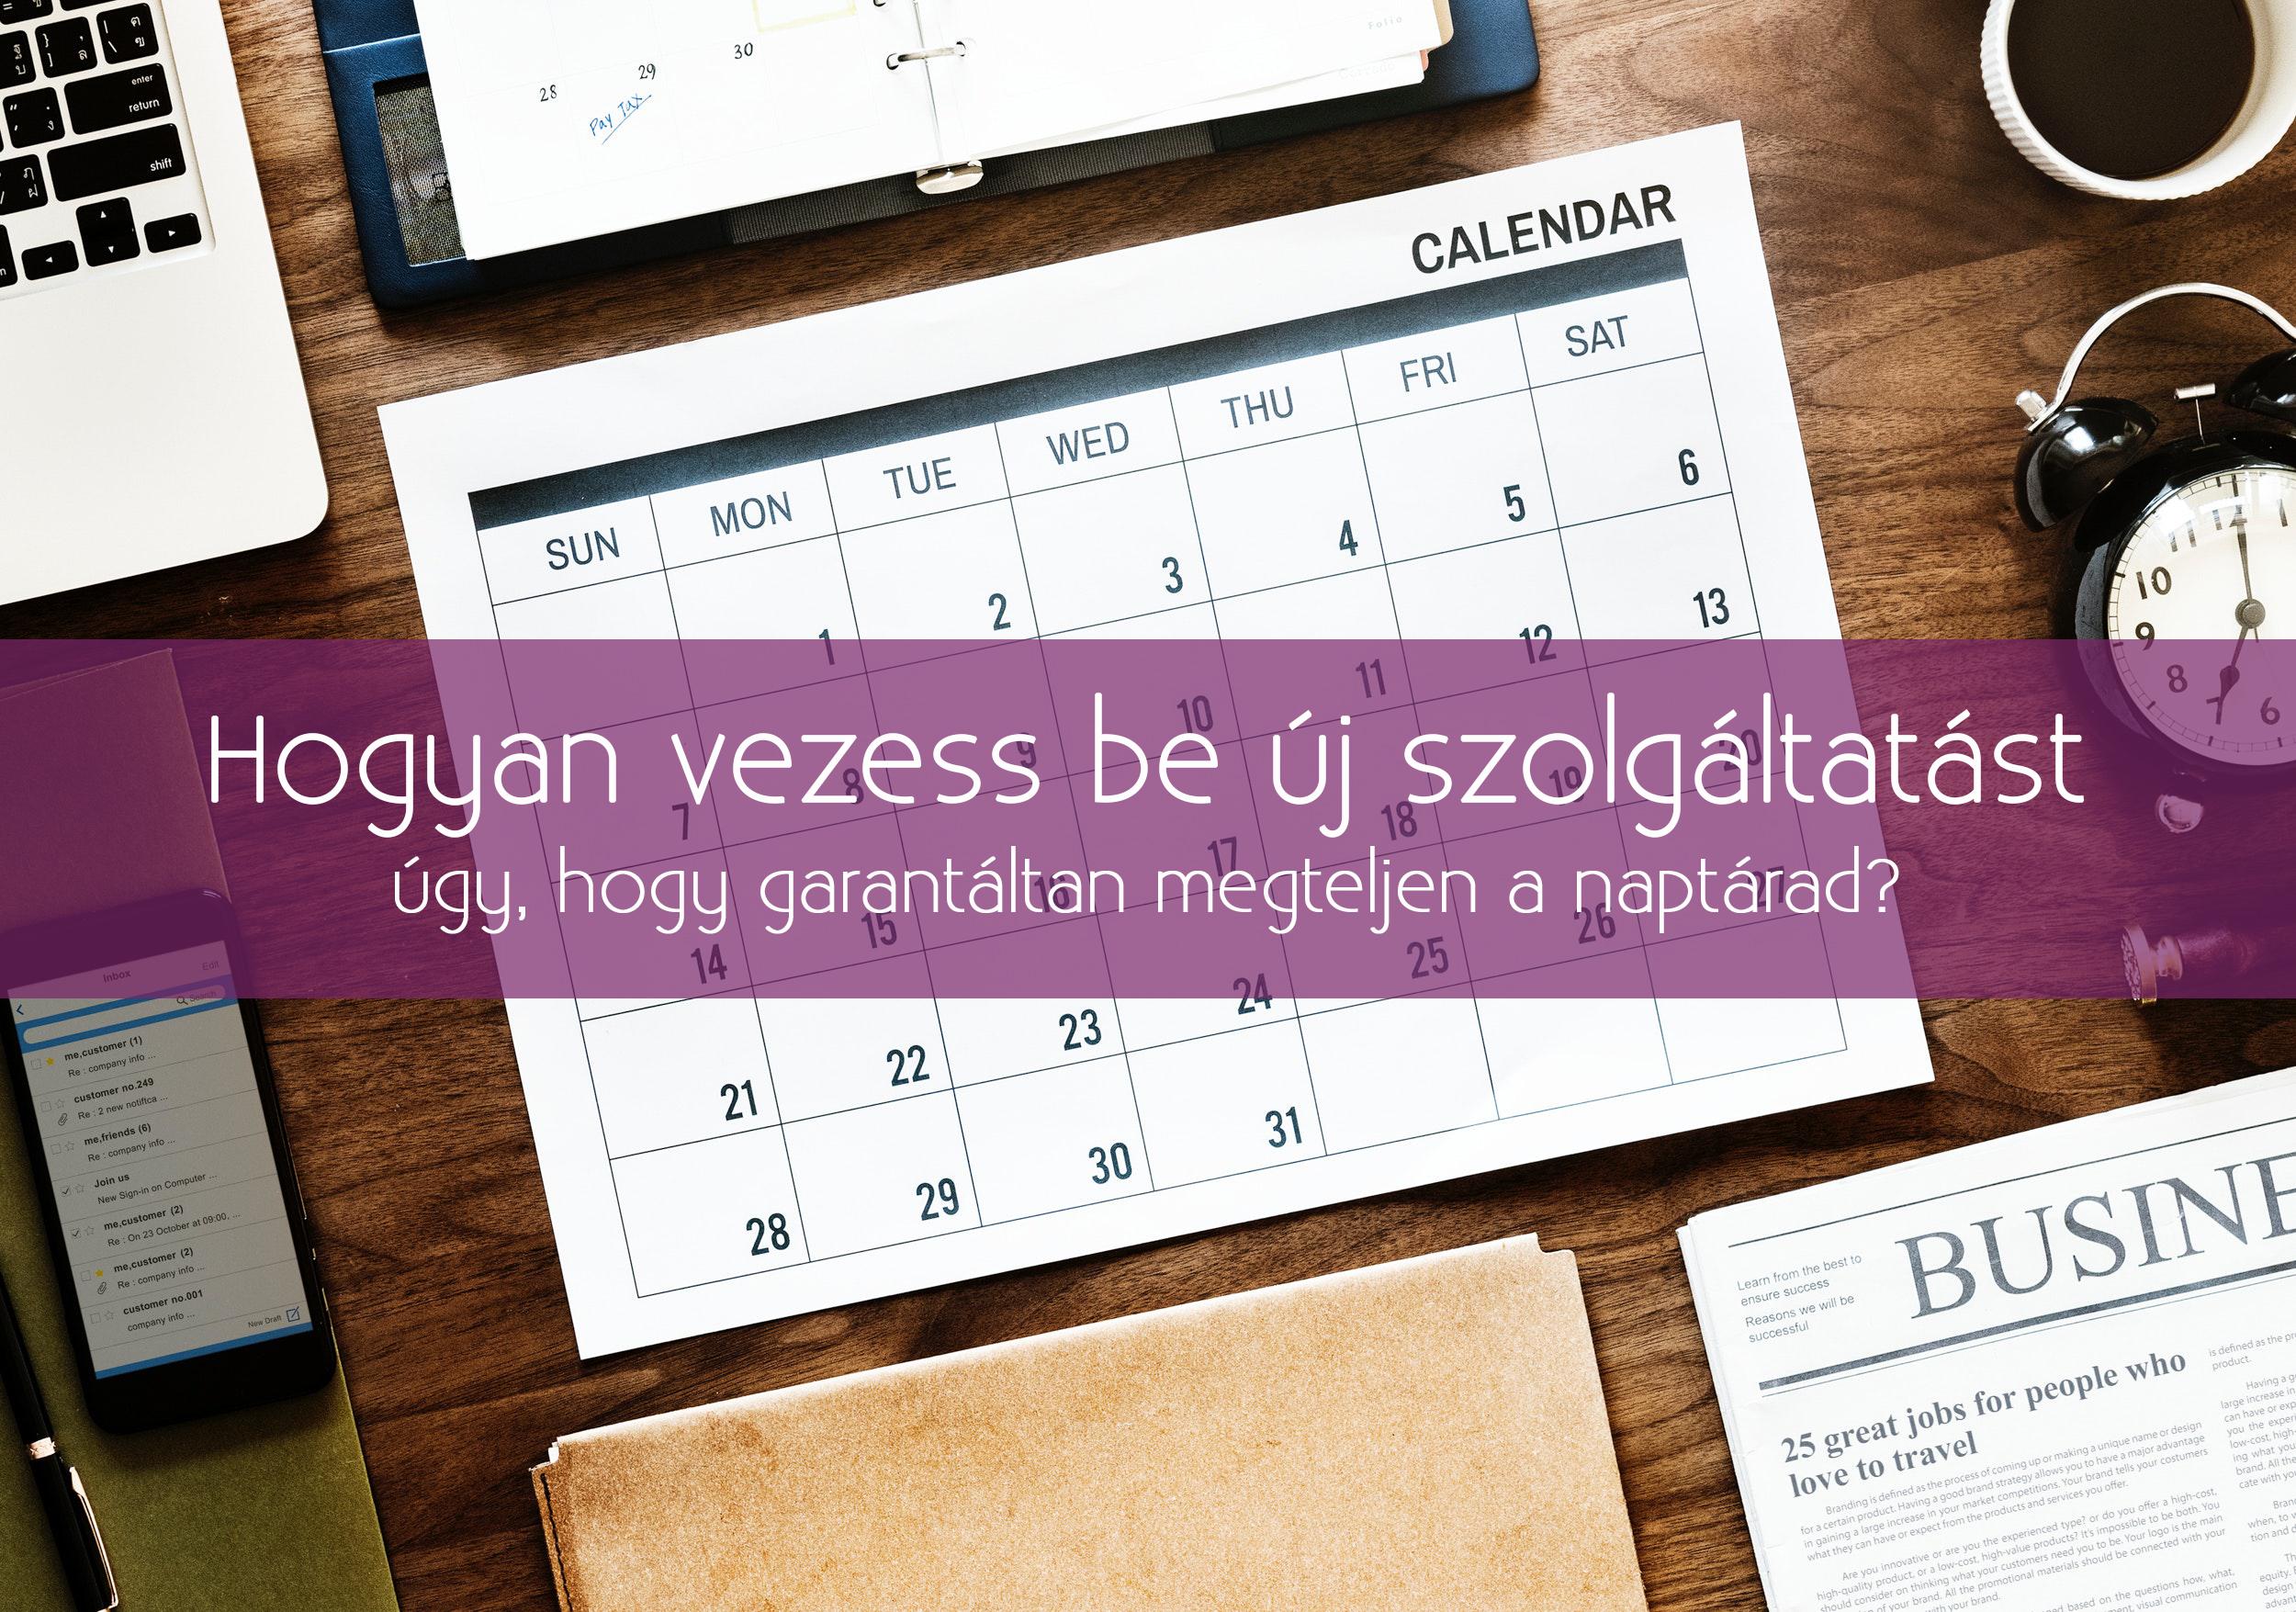 Hogyan vezess be új szolgáltatást úgy, hogy garantáltan megteljen a naptárad?